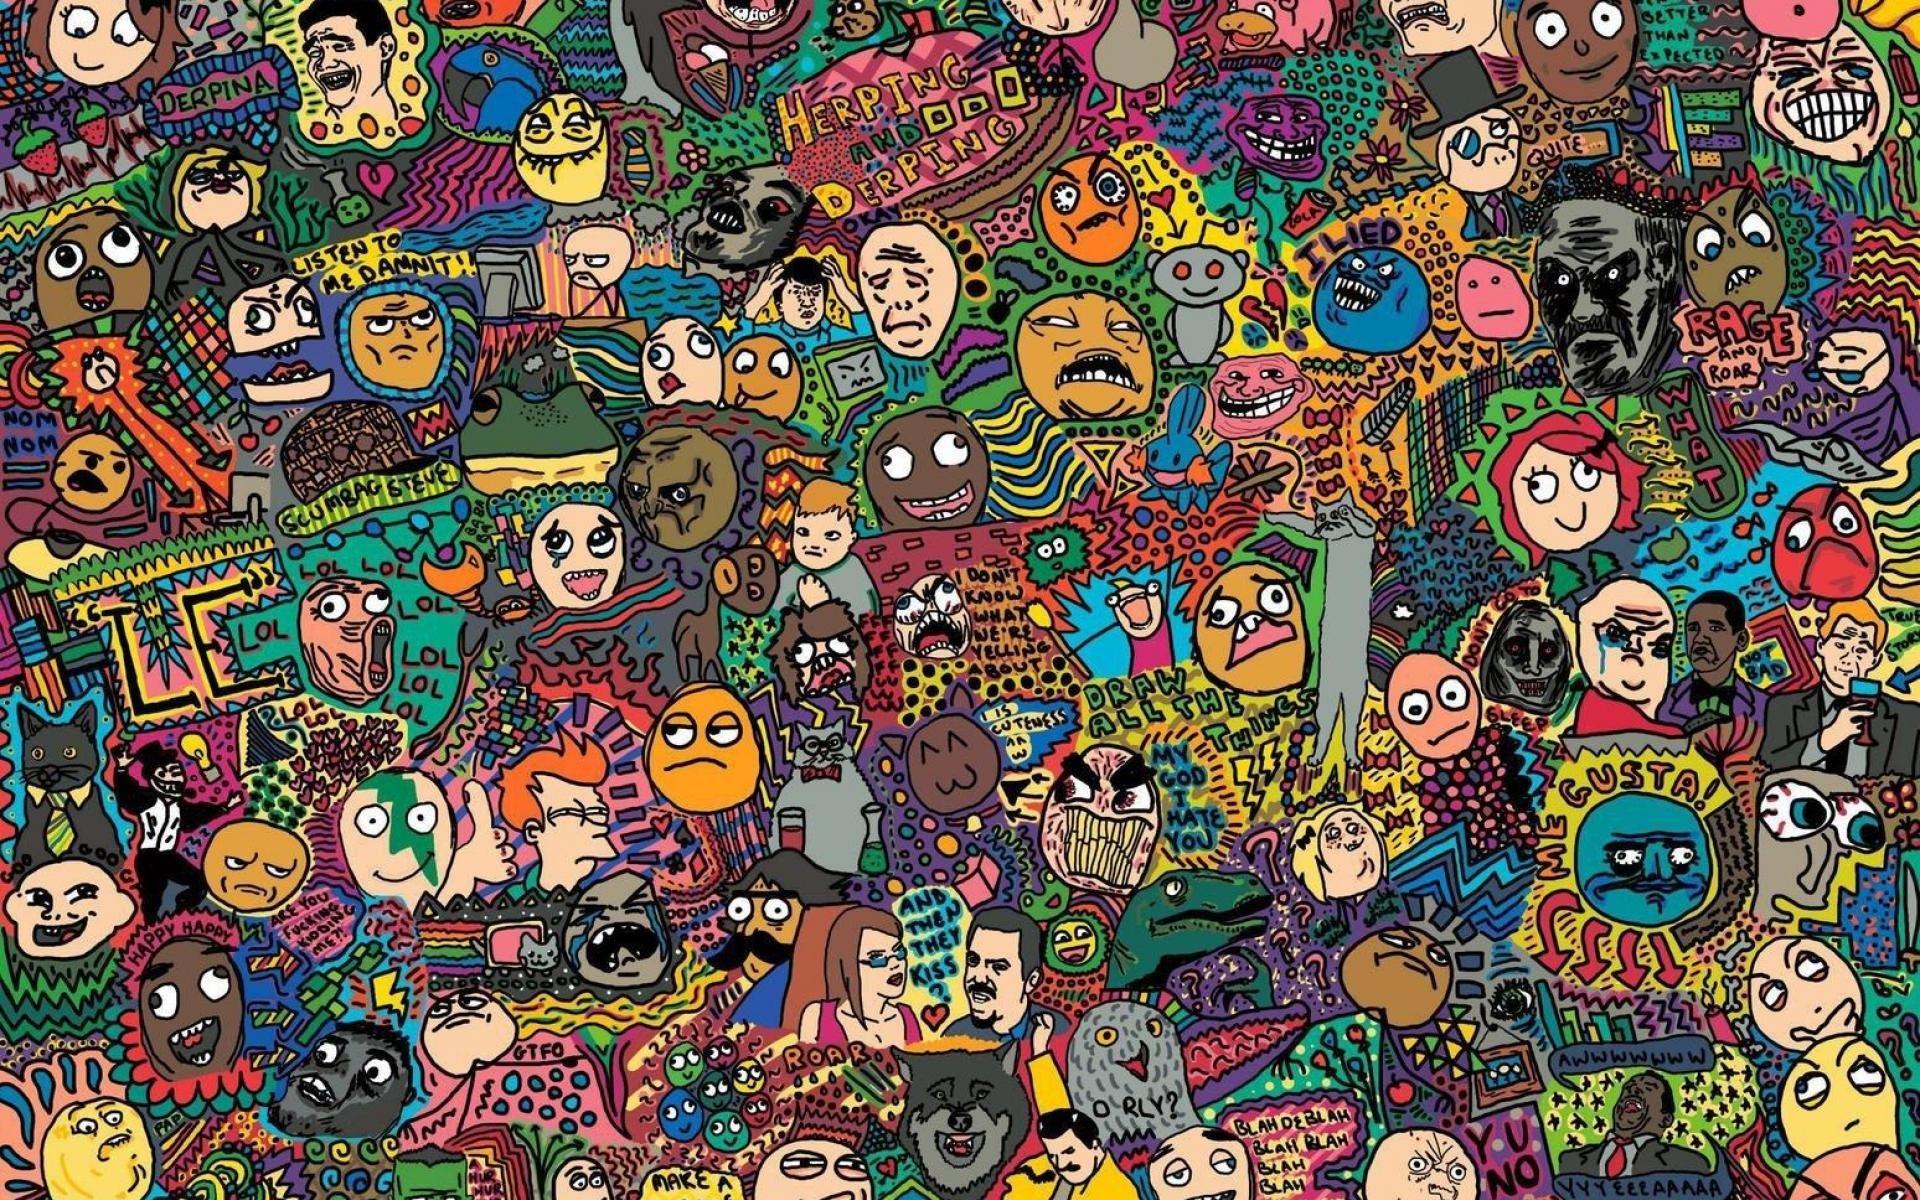 Meme Collage Wallpaper 62478 1920x1200px